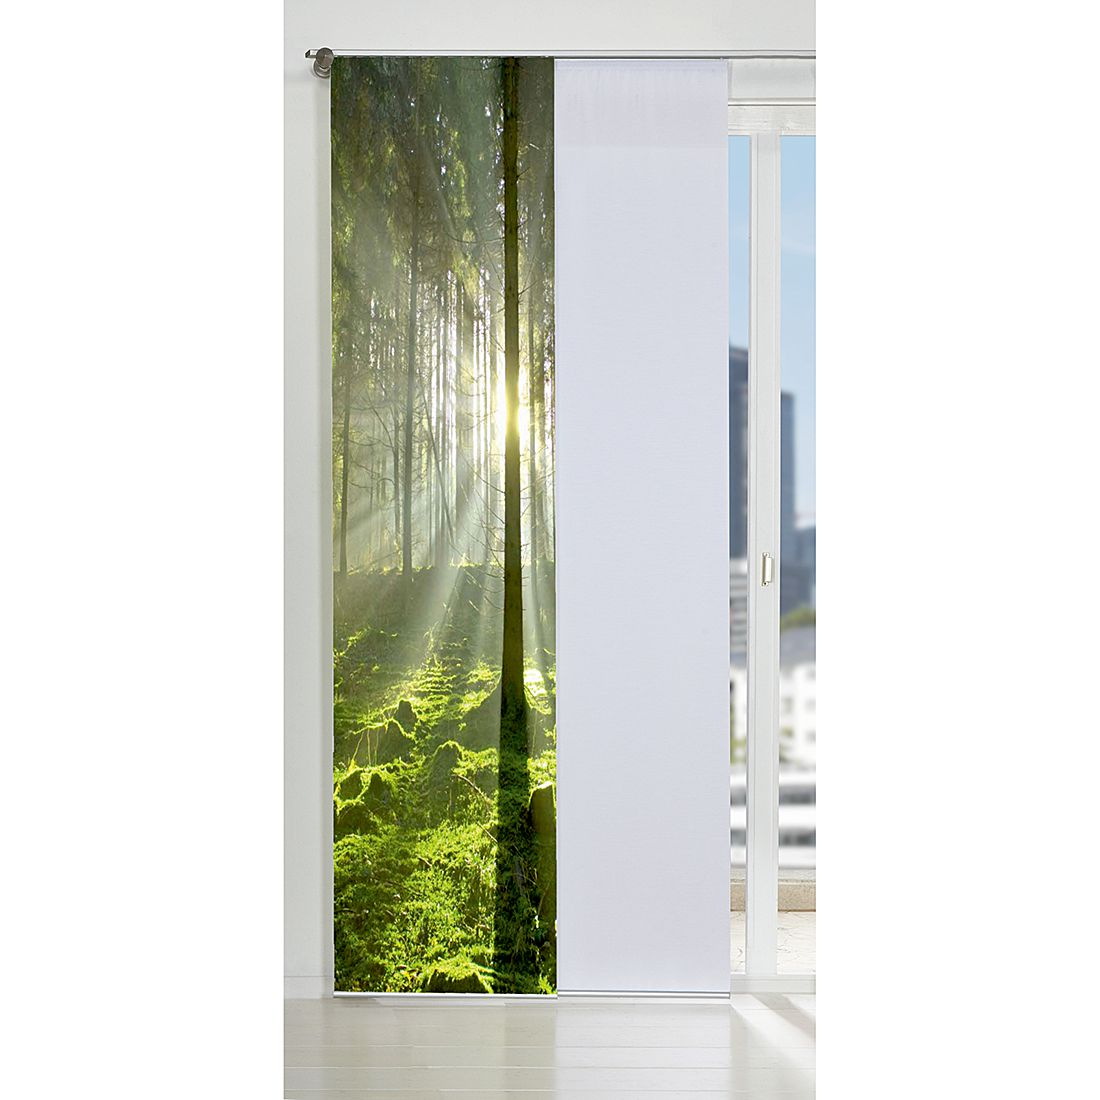 Schiebevorhang Stockholm In 2020 Gardinen Fur Kleine Fenster Coole Vorhange Vorhange